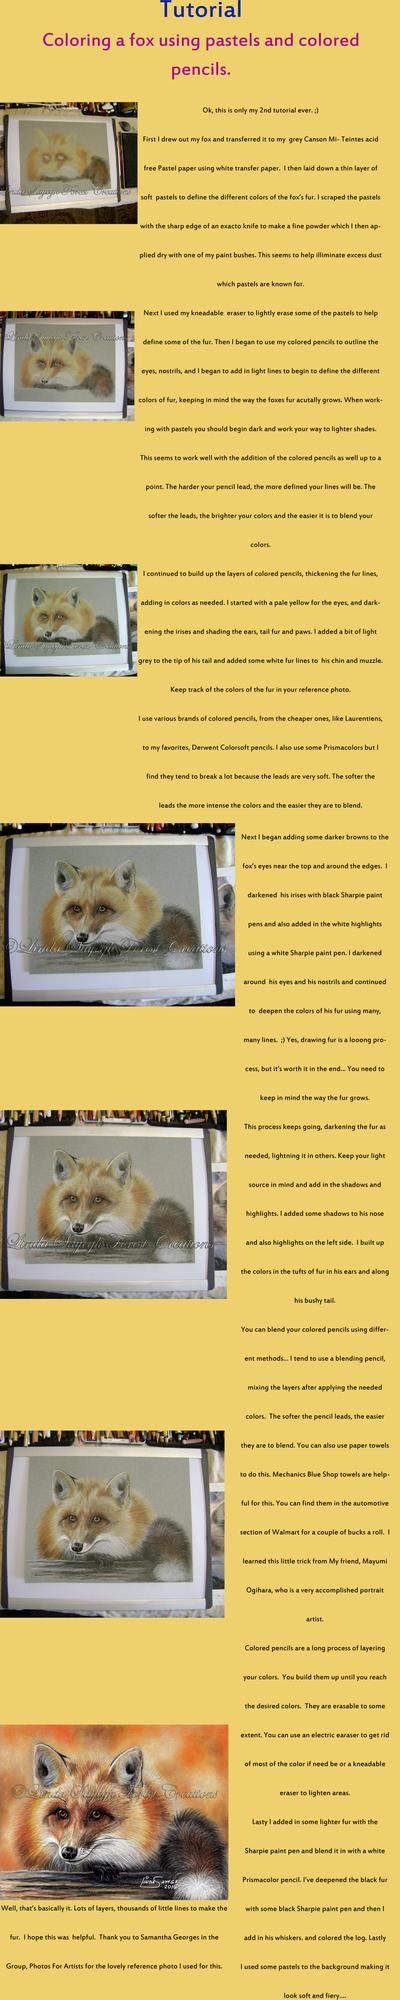 Fox coloring Tutorial by Artsy50